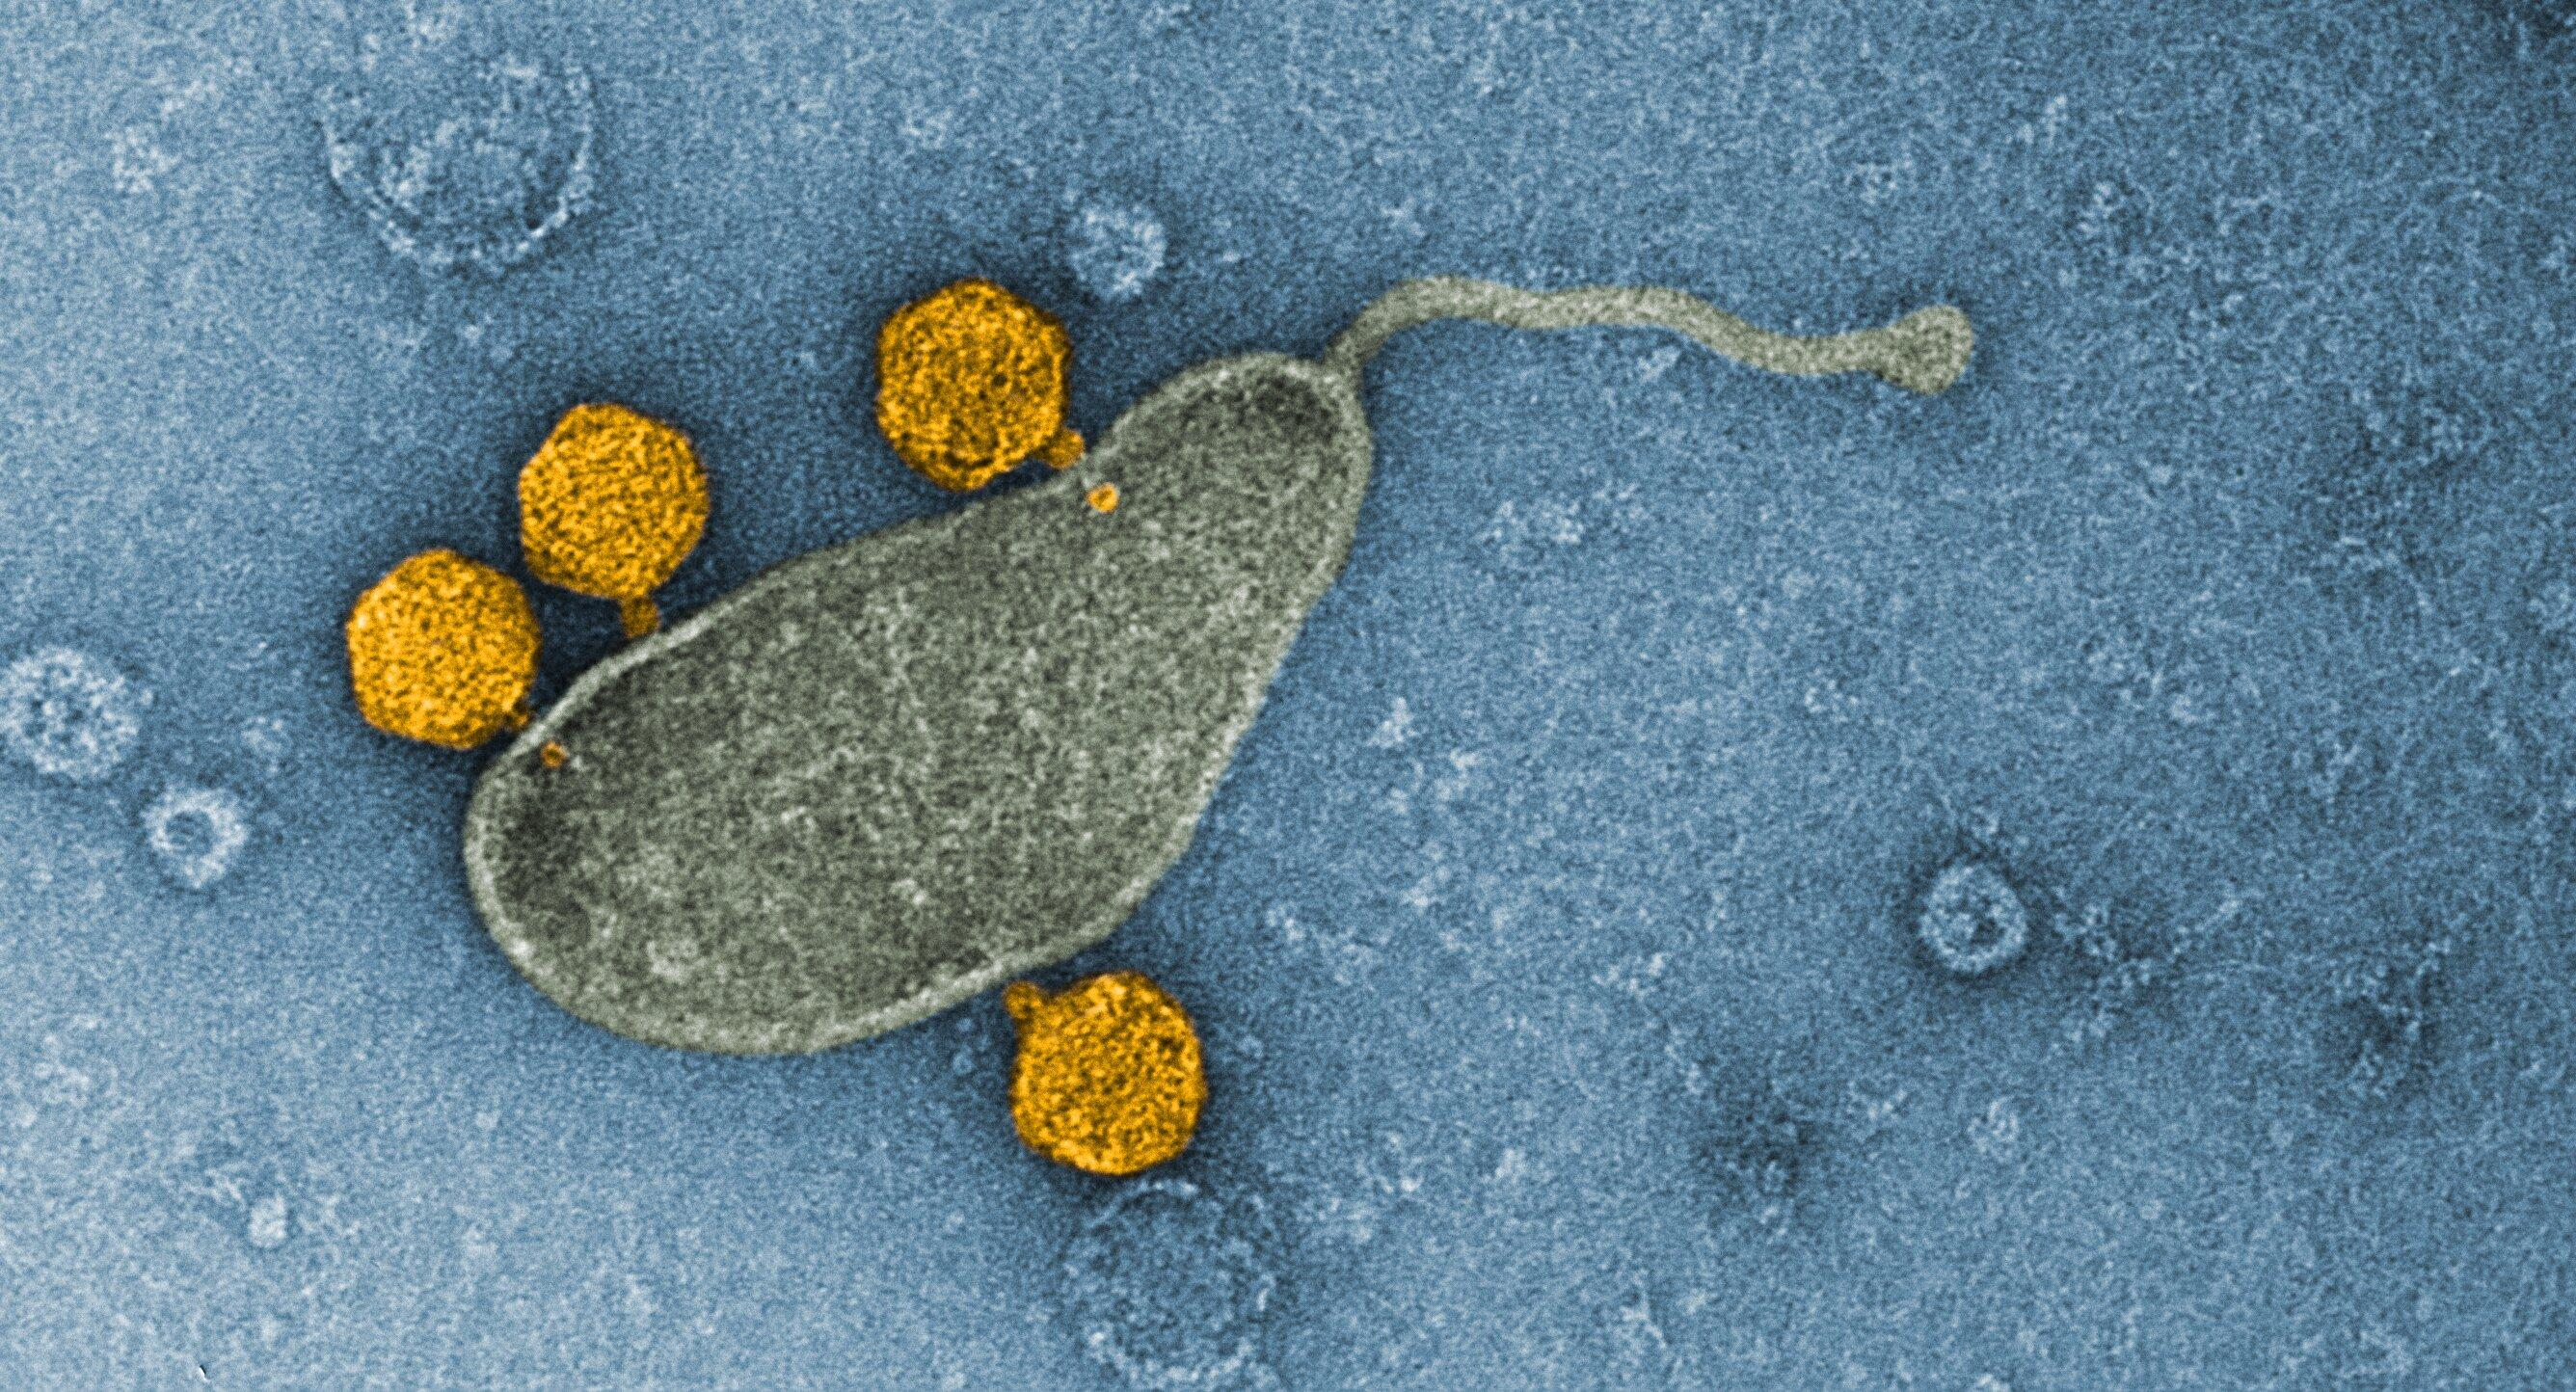 Самая распространенная бактерия Мирового океана оказалась резервуаром вирусов — и это ее возможный секрет успеха